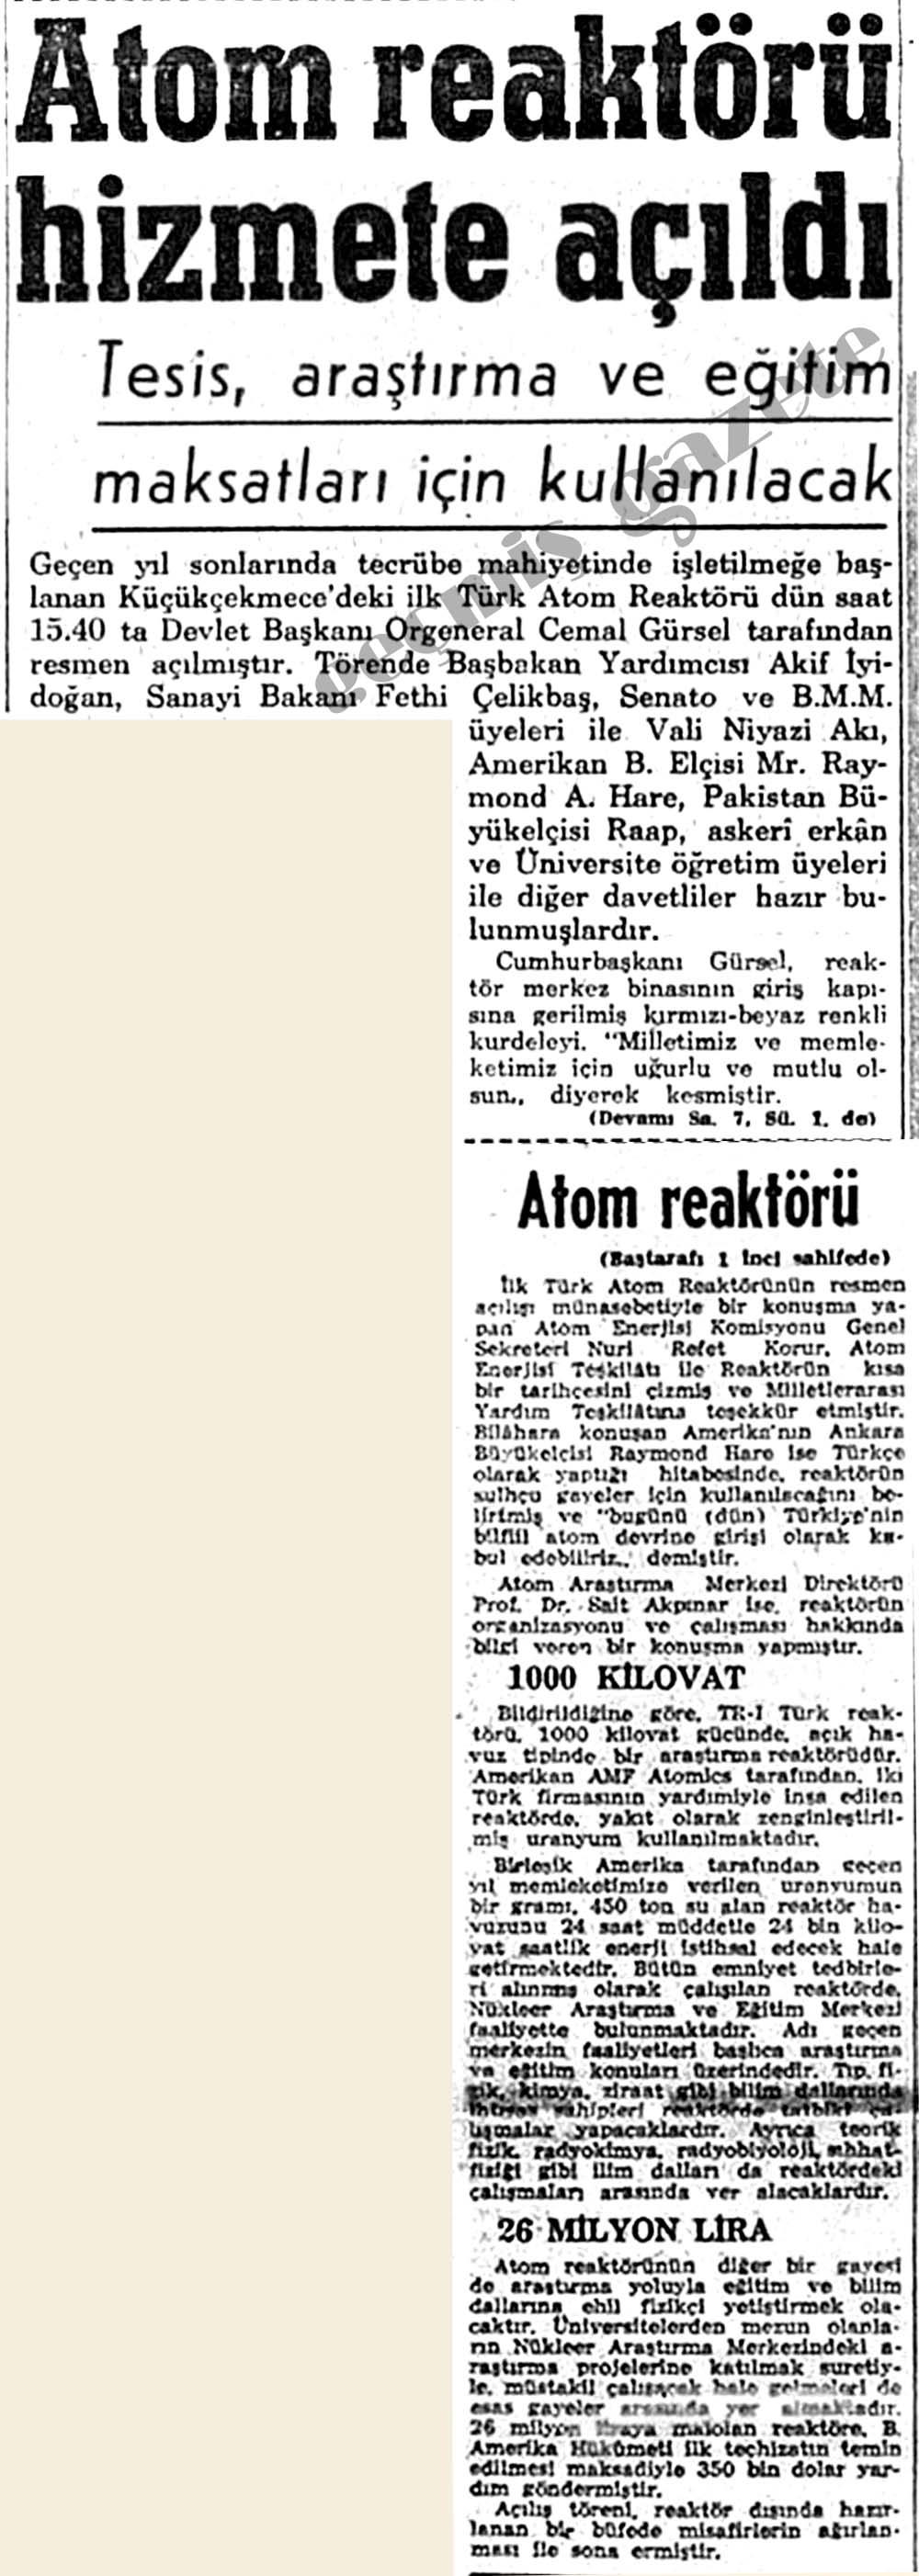 Atom reaktörü hizmete açıldı